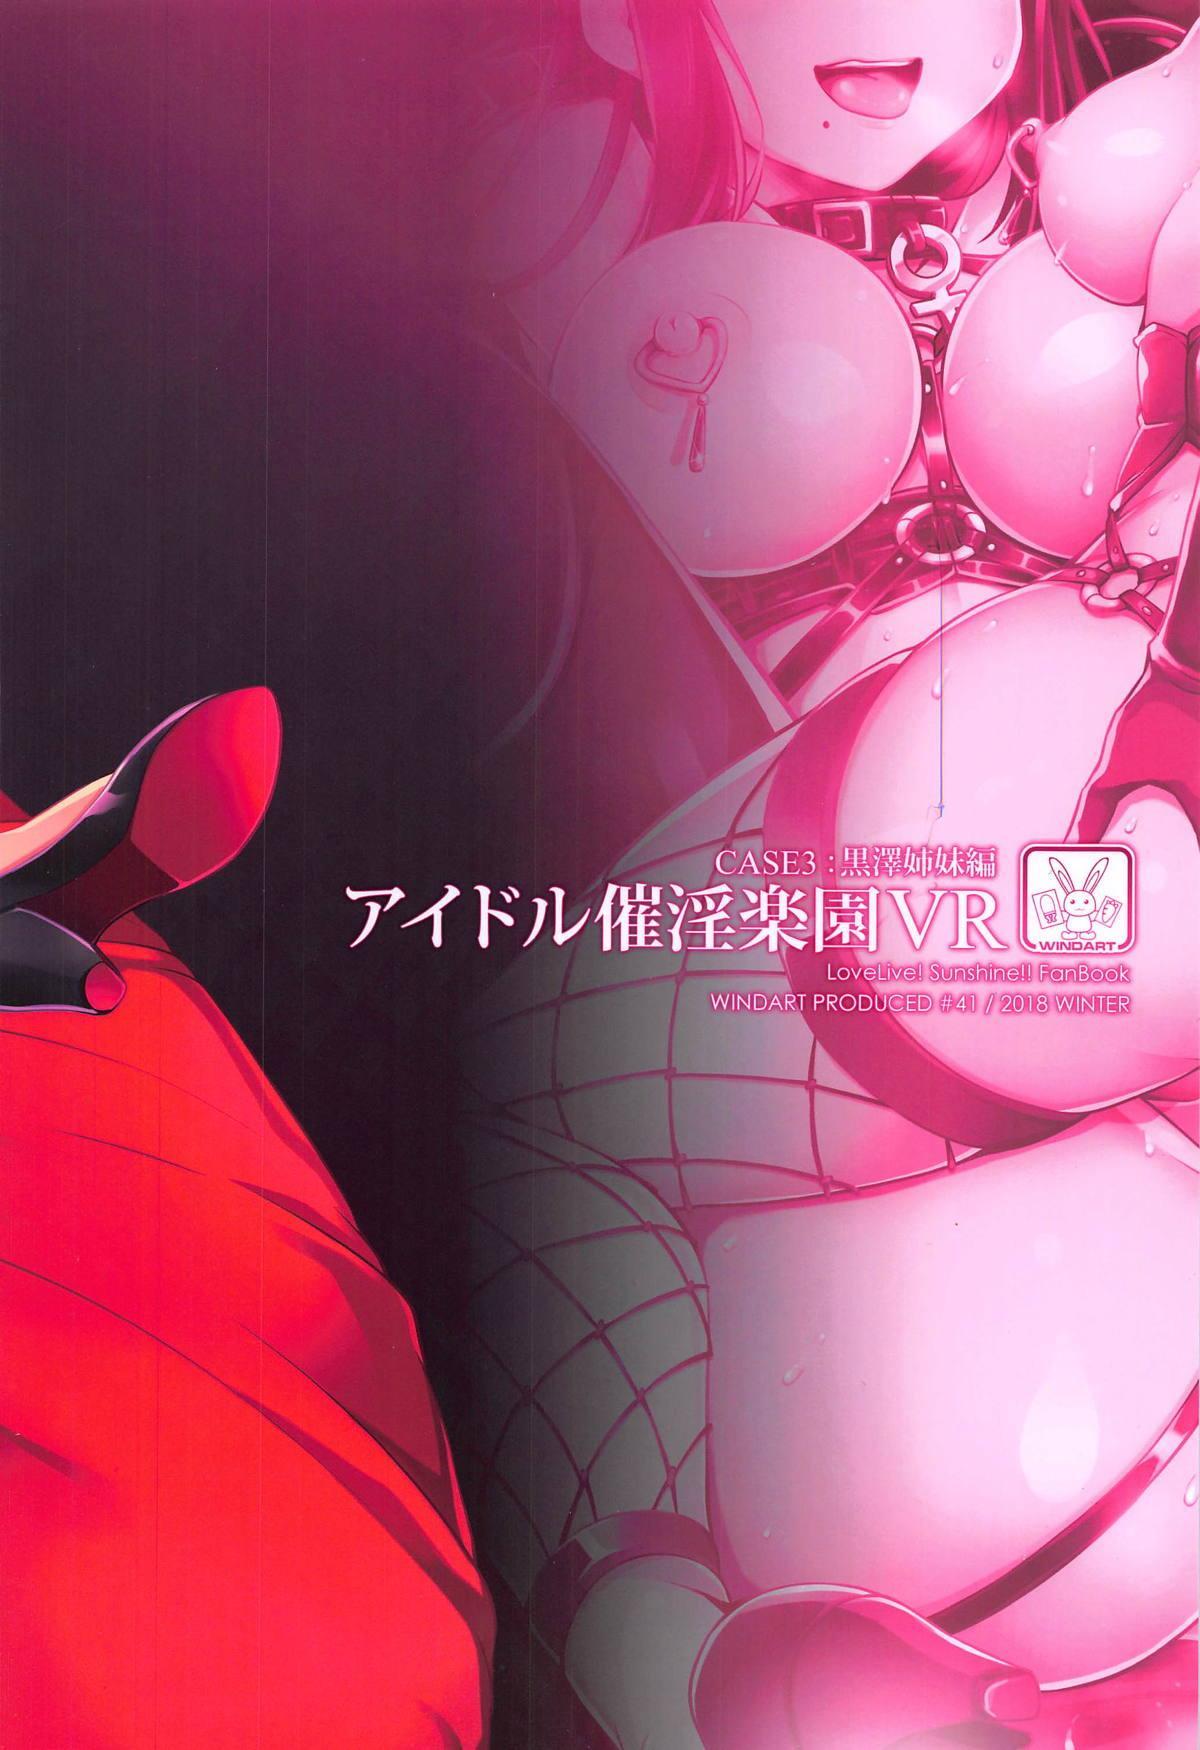 Idol Saiin Rakuen VR CASE3: Kurosawa Shimai 28